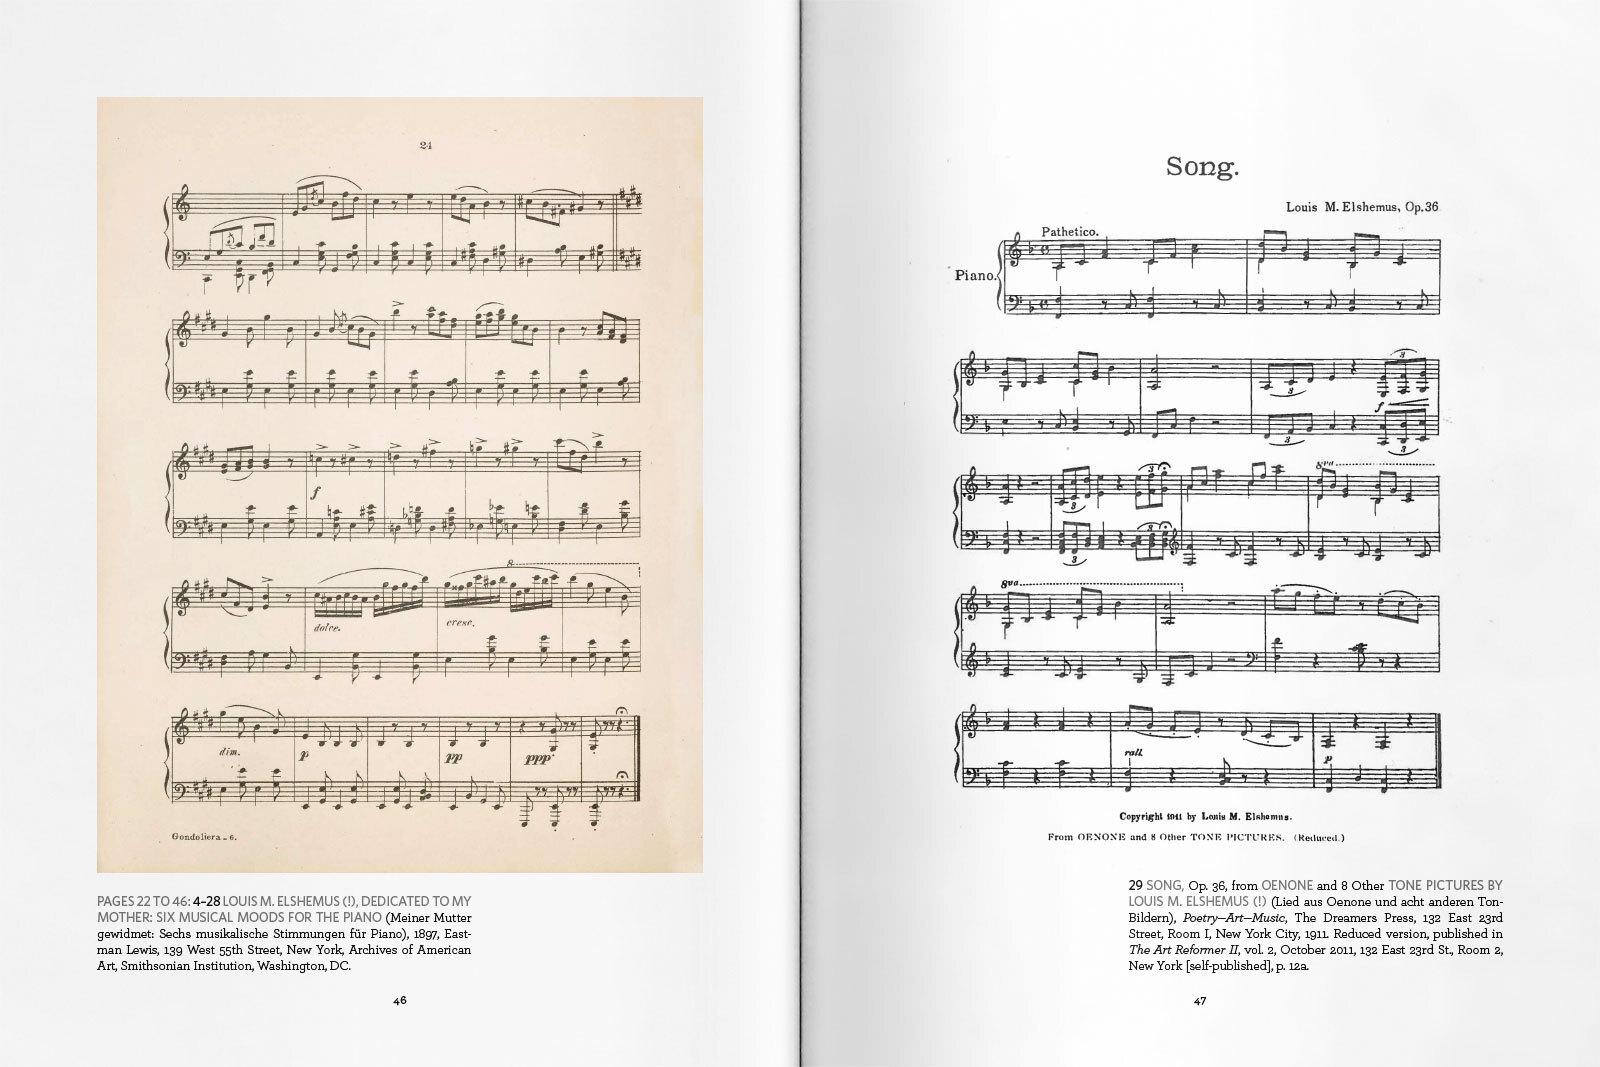 Eilshemius music spread03